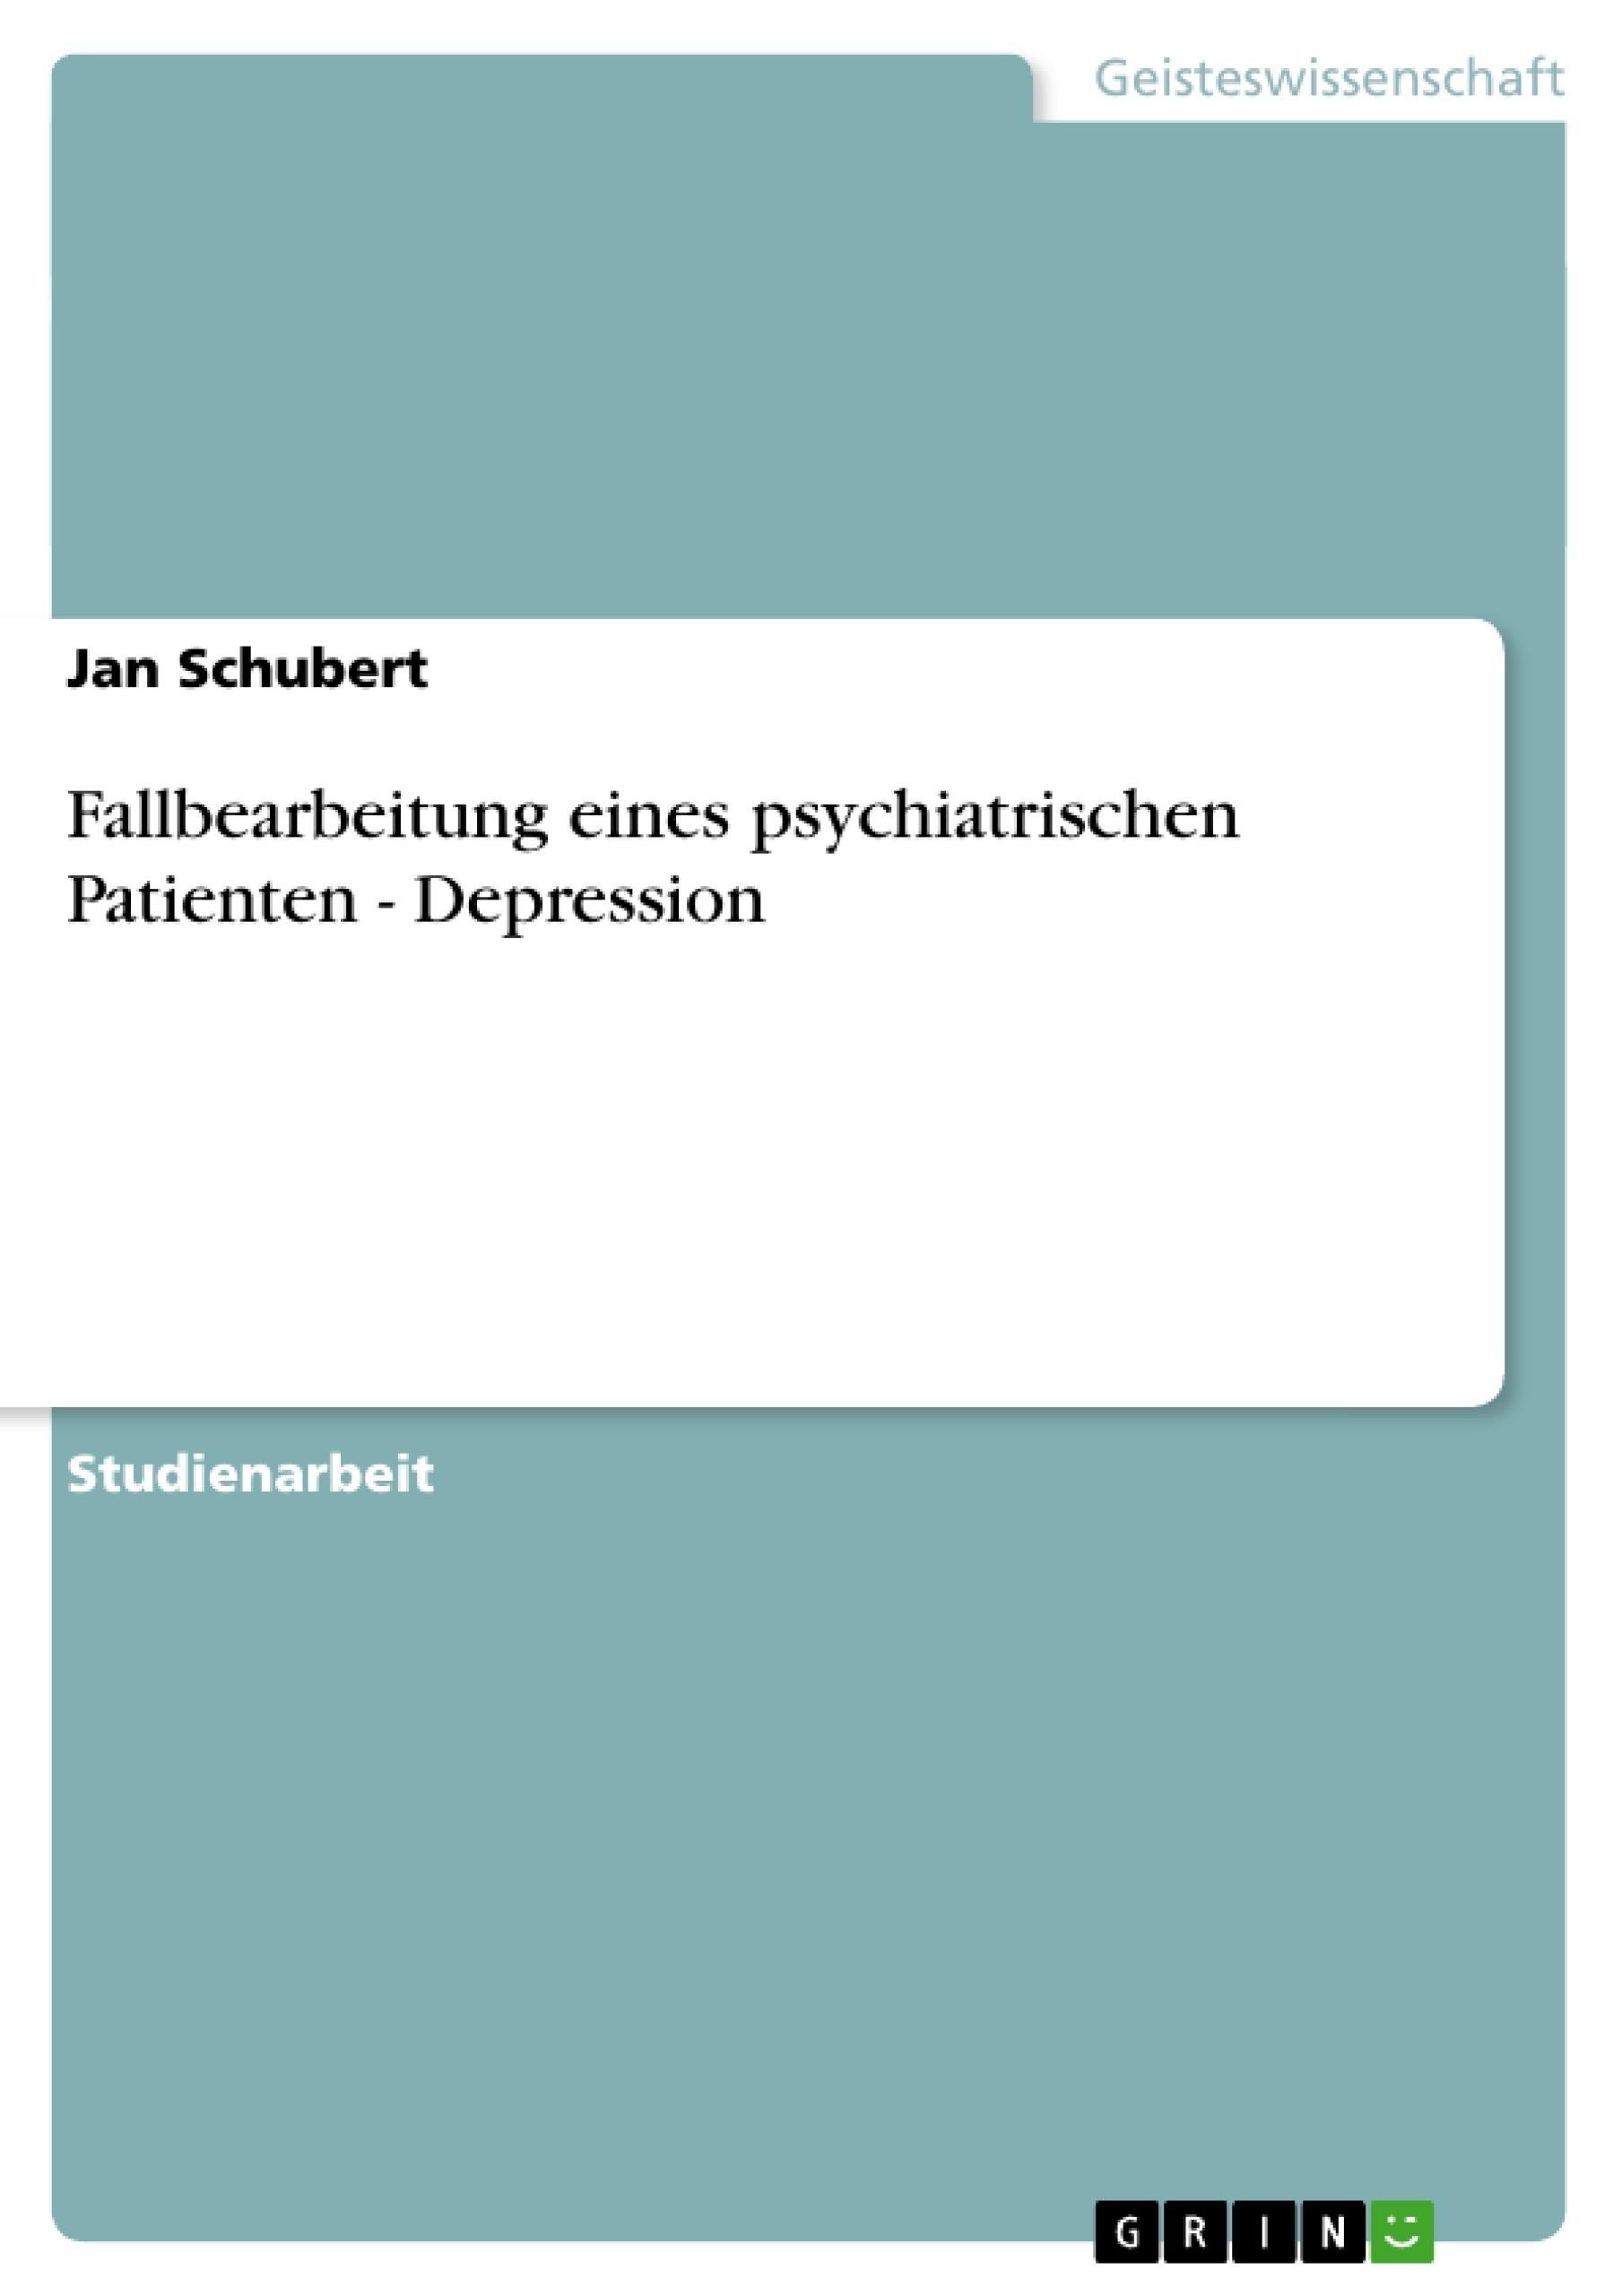 Titel: Fallbearbeitung eines psychiatrischen Patienten - Depression